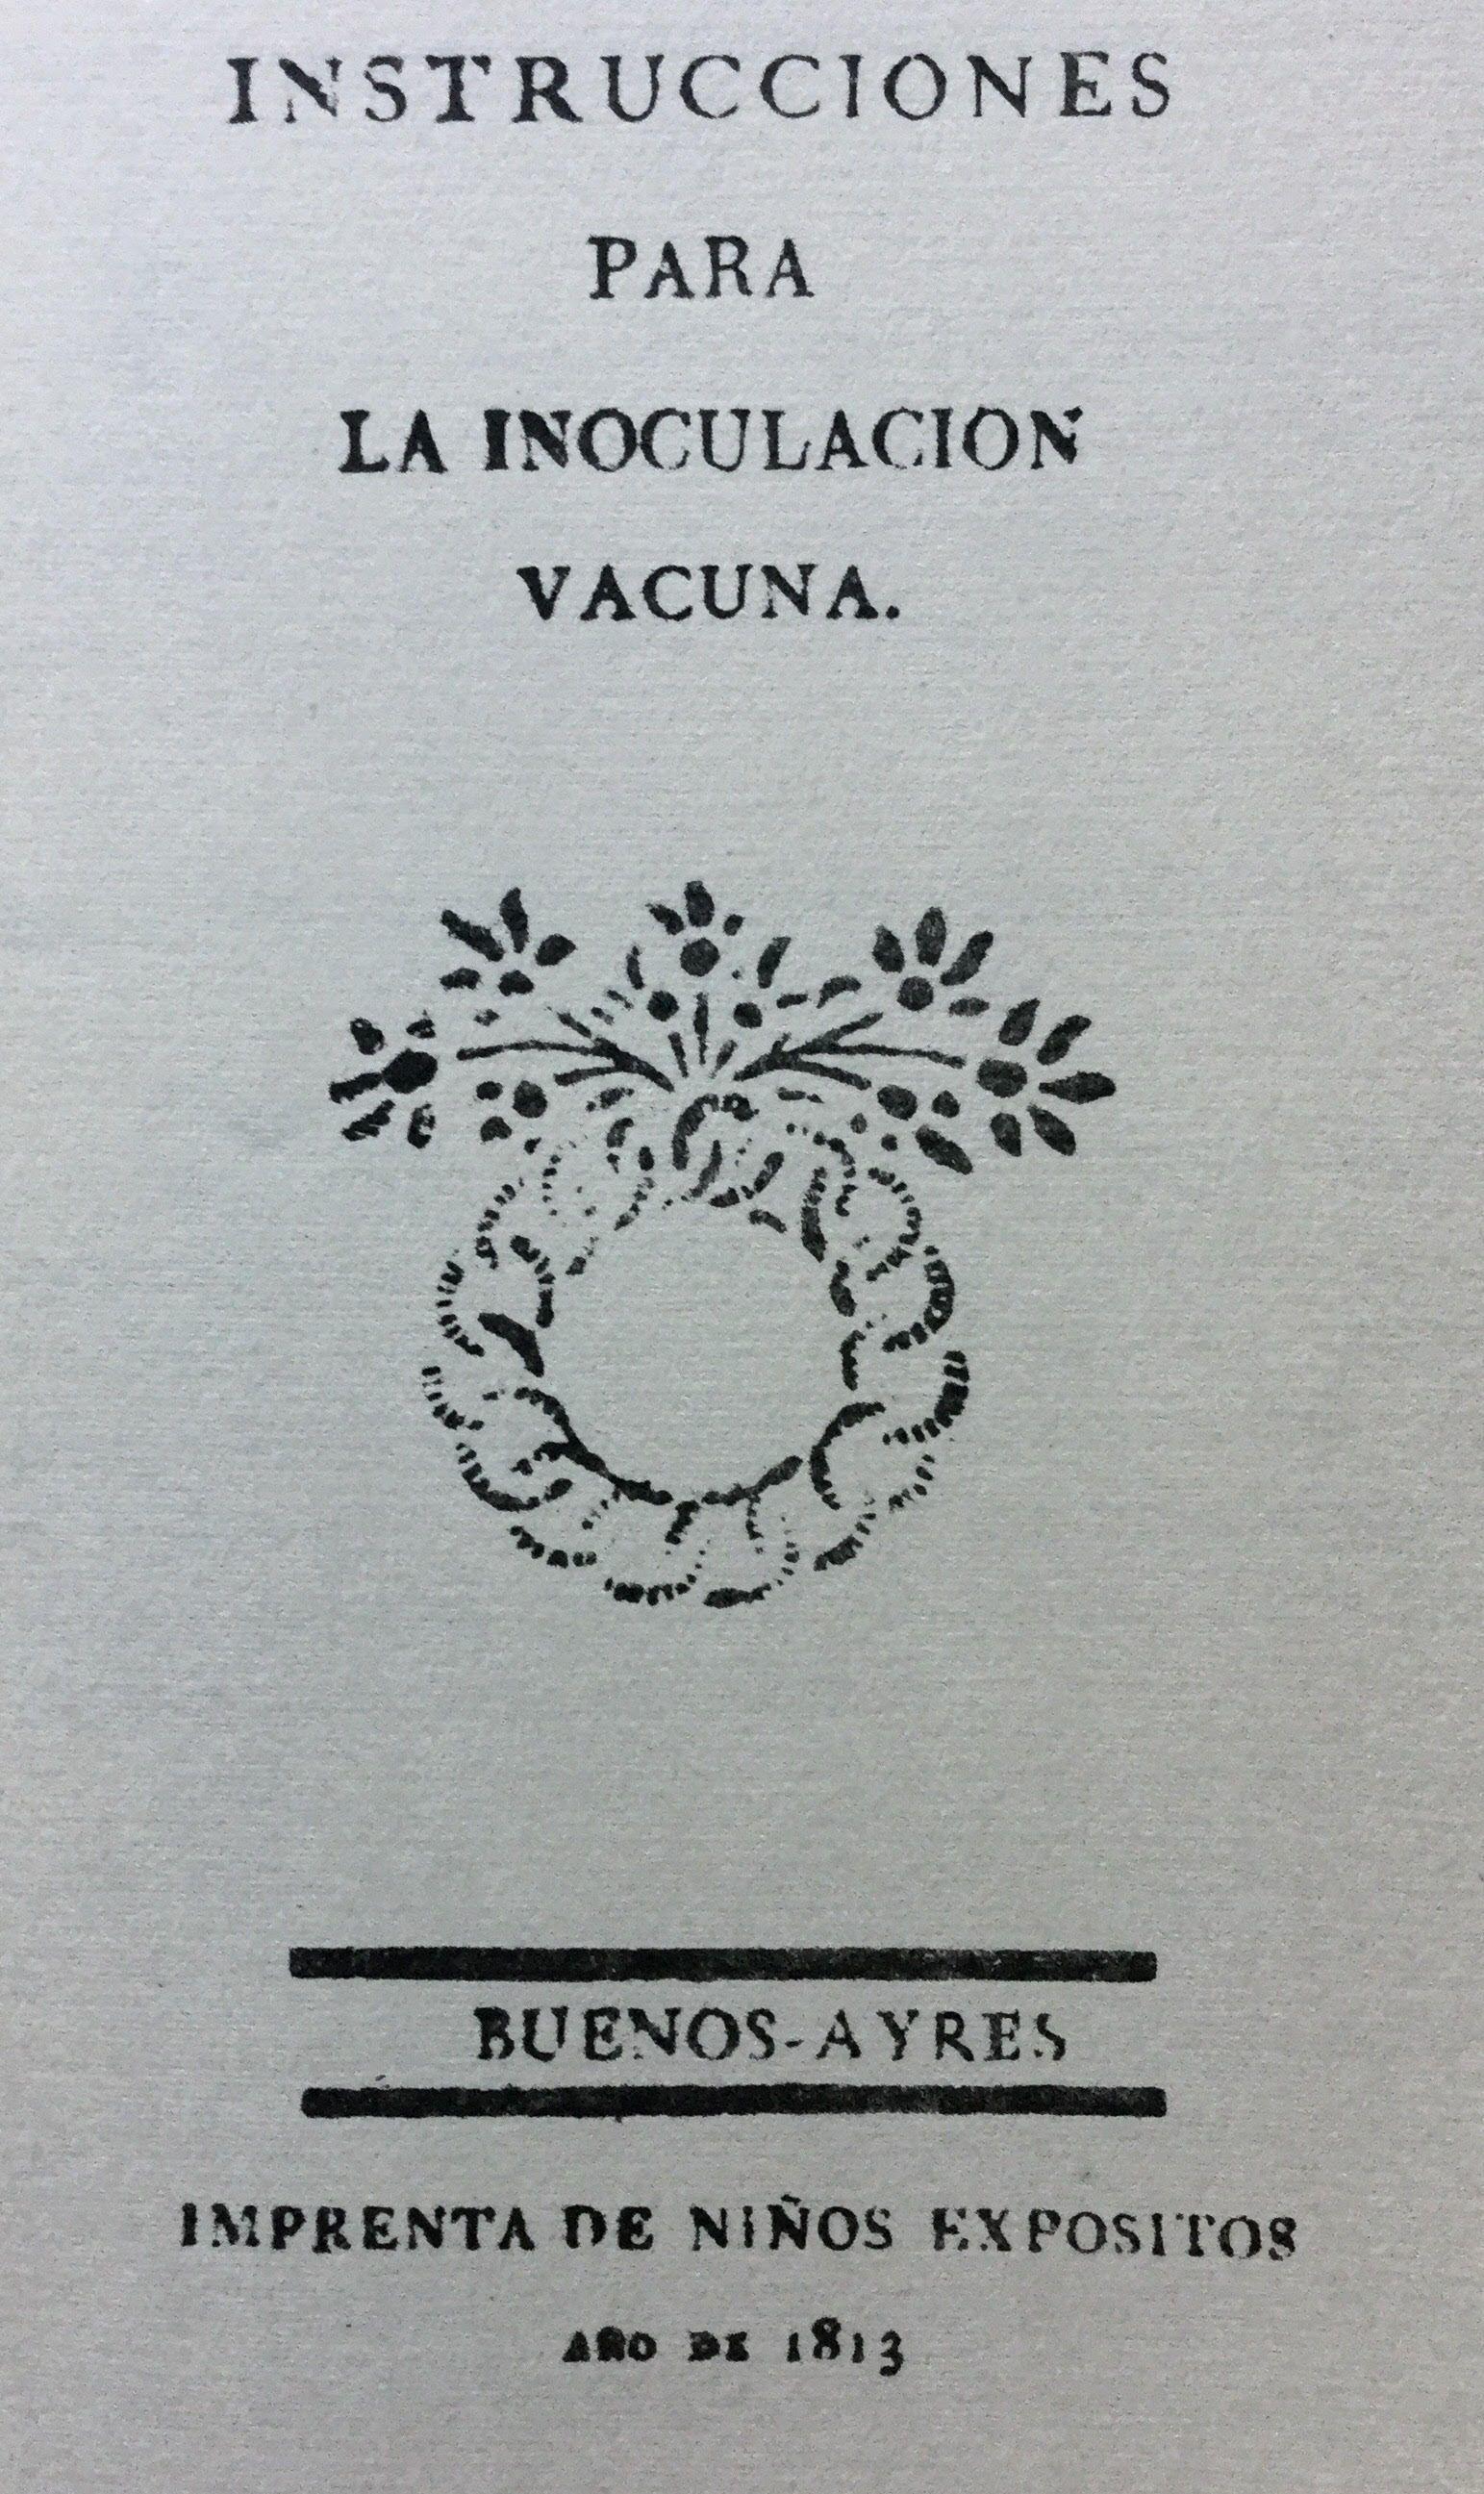 Las instrucciones para vacunar, de 1813.